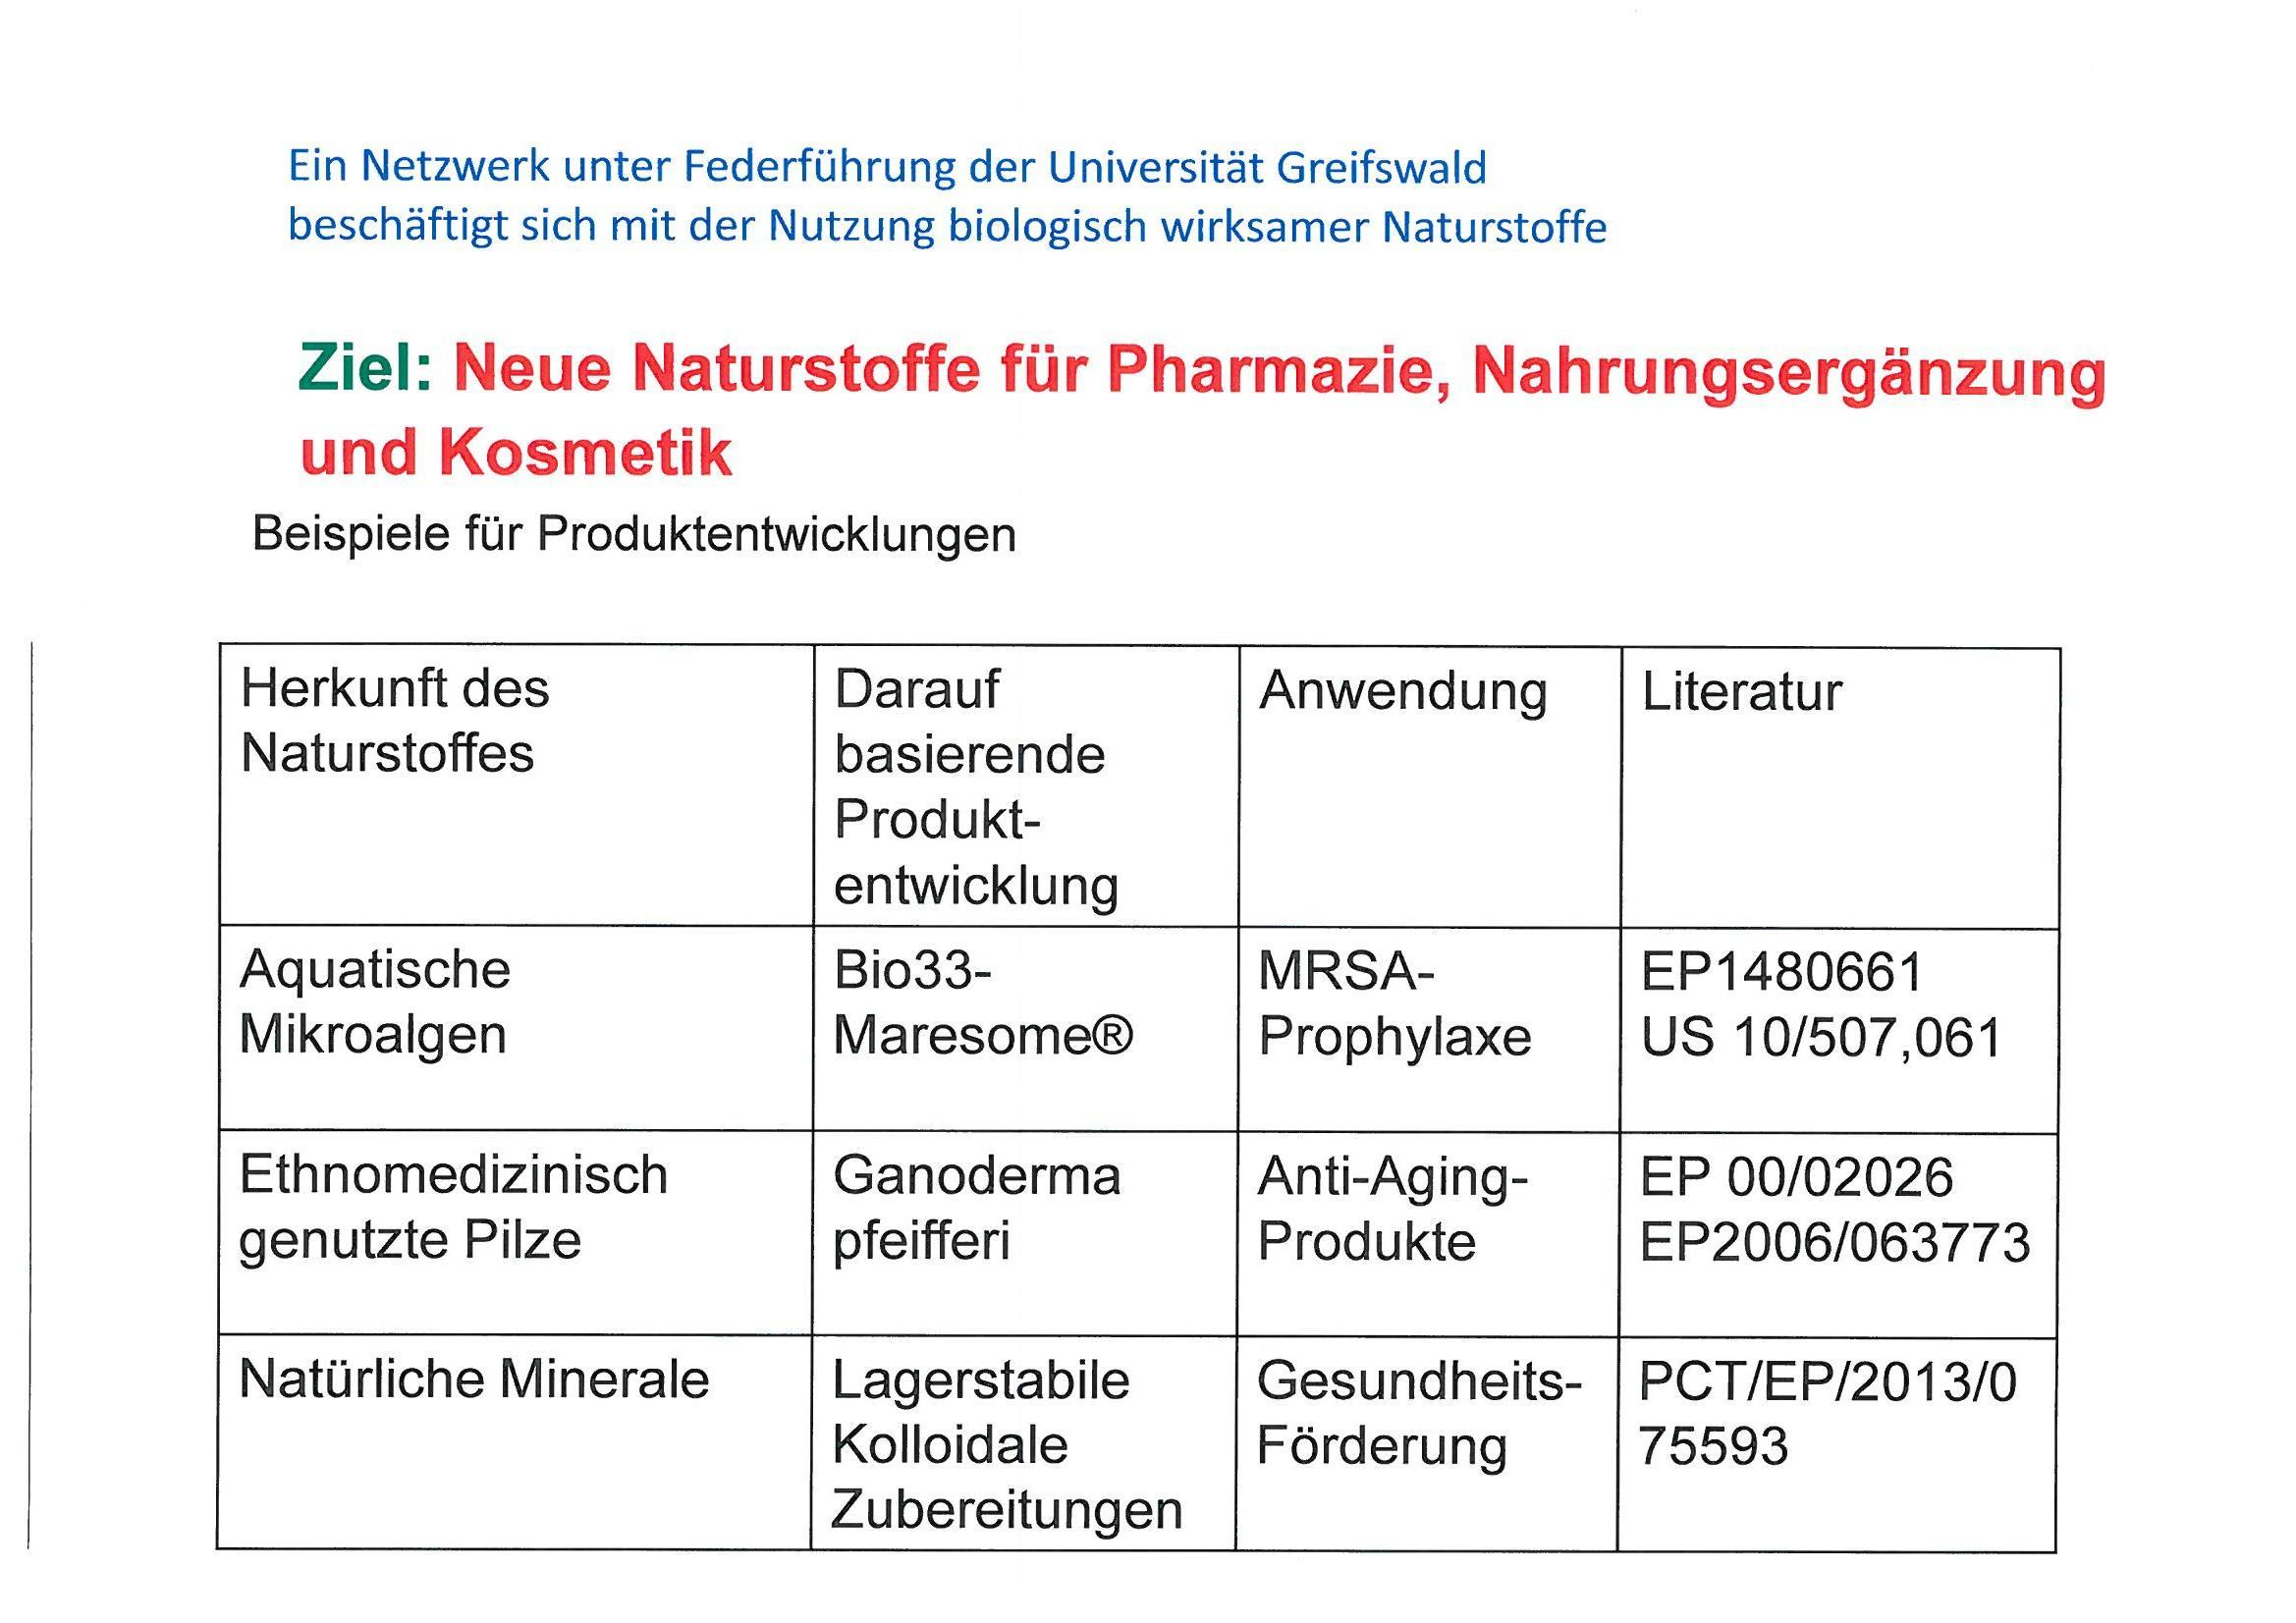 Produktentwicklung neuer Naturstoffe für Pharmazie, Nahrungsergänzung und Kosmetik